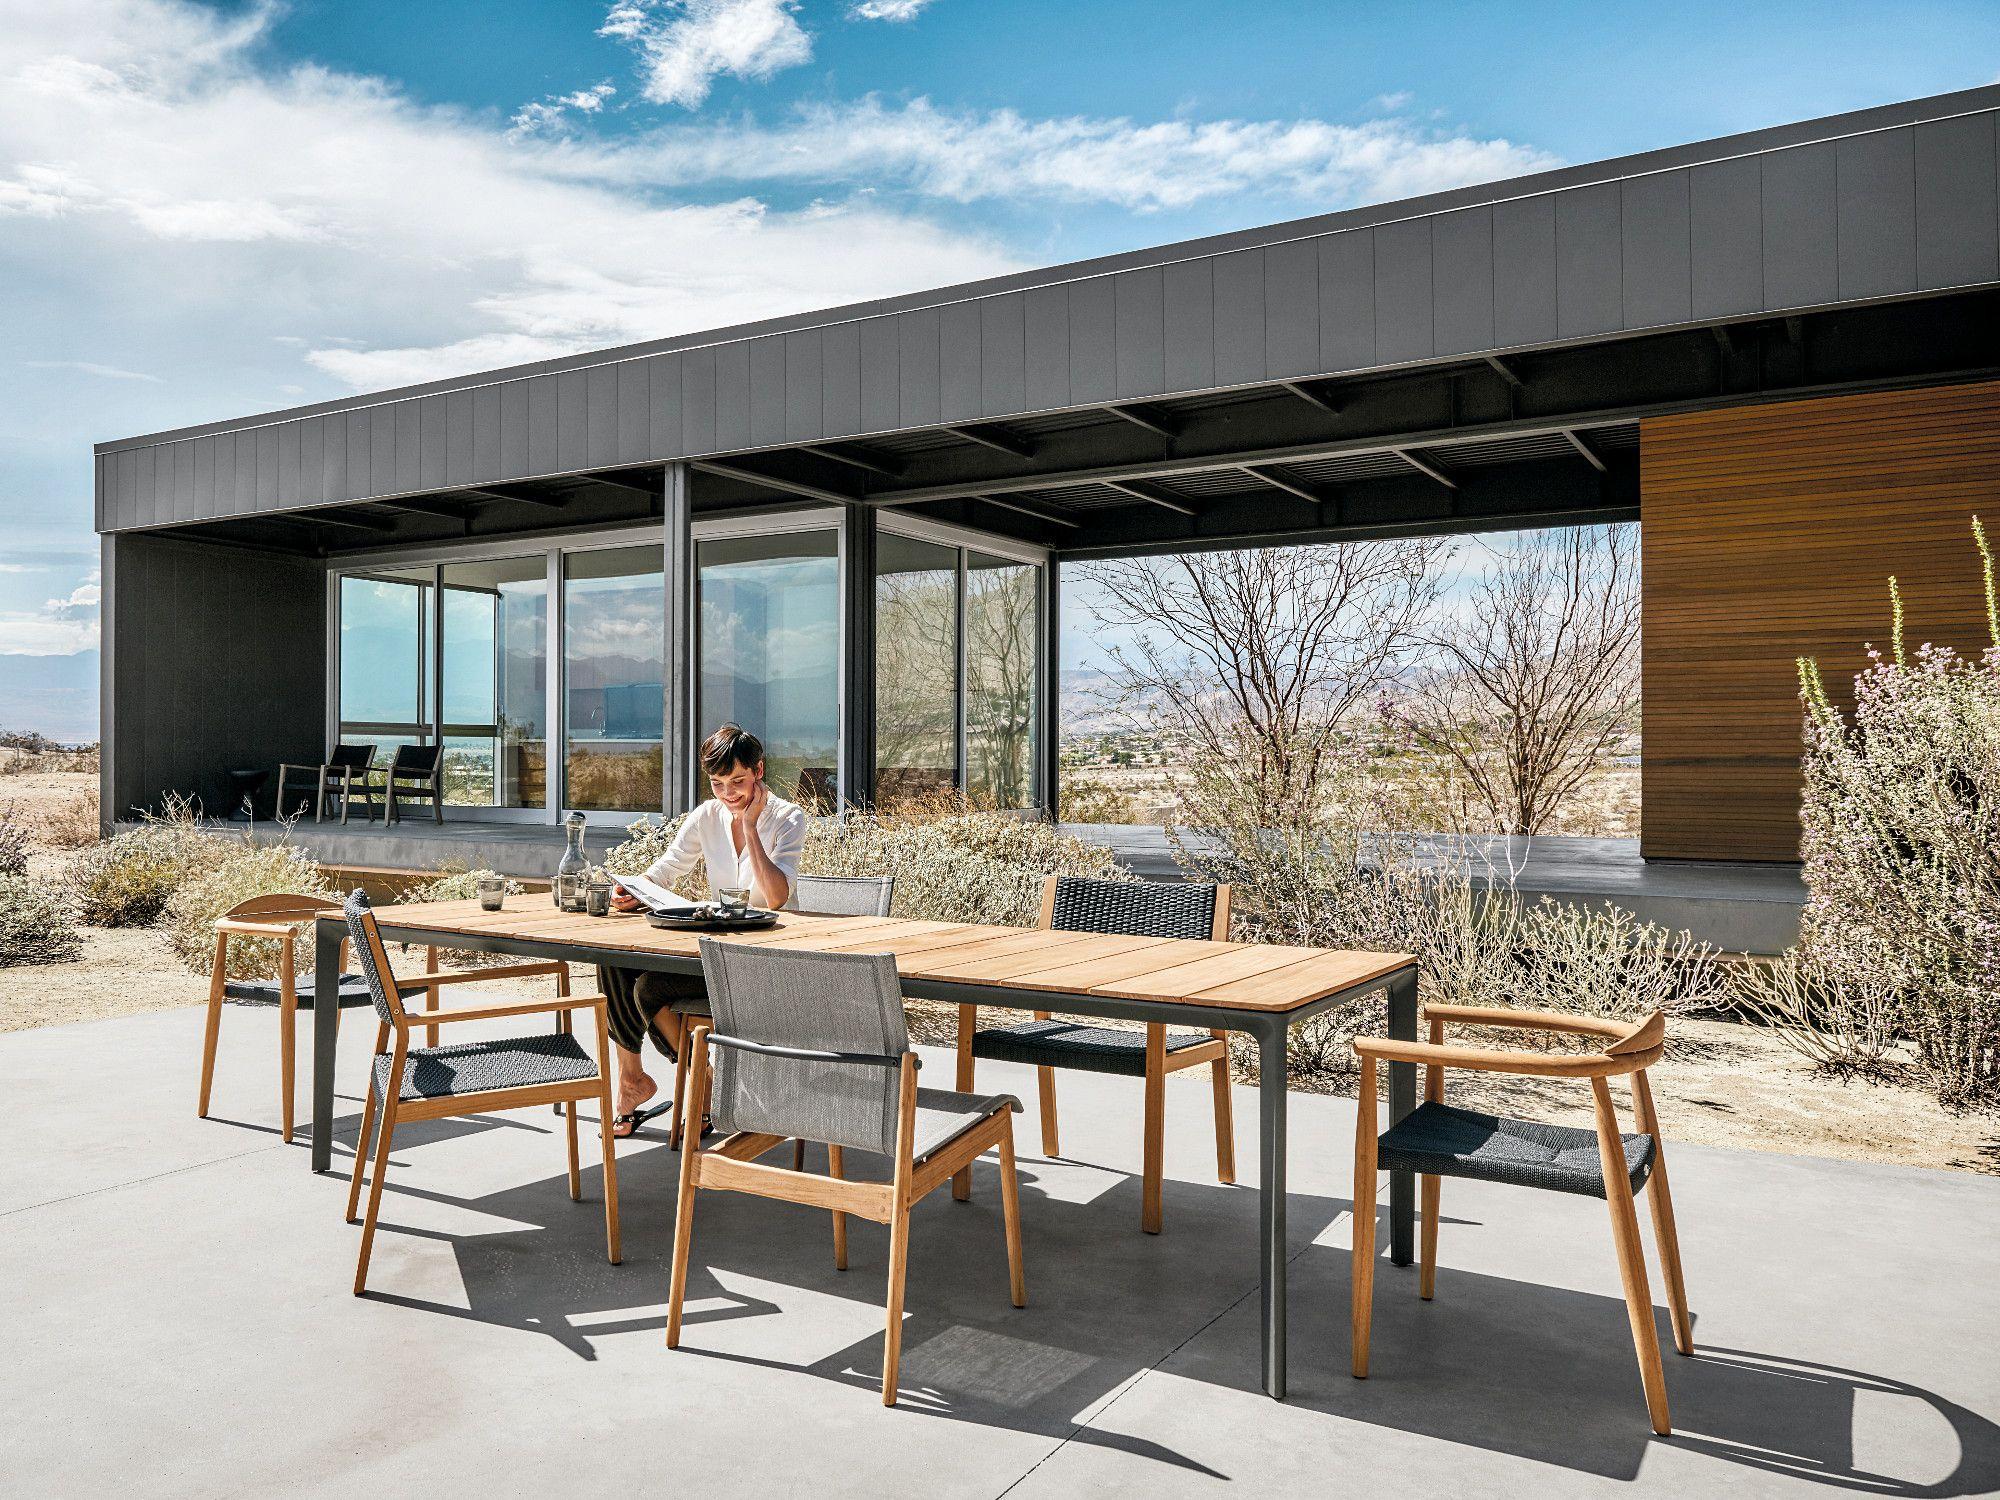 Schöne Outdoormöbel von Gloster. | HOME--OUTSIDE ROOM | Pinterest ...